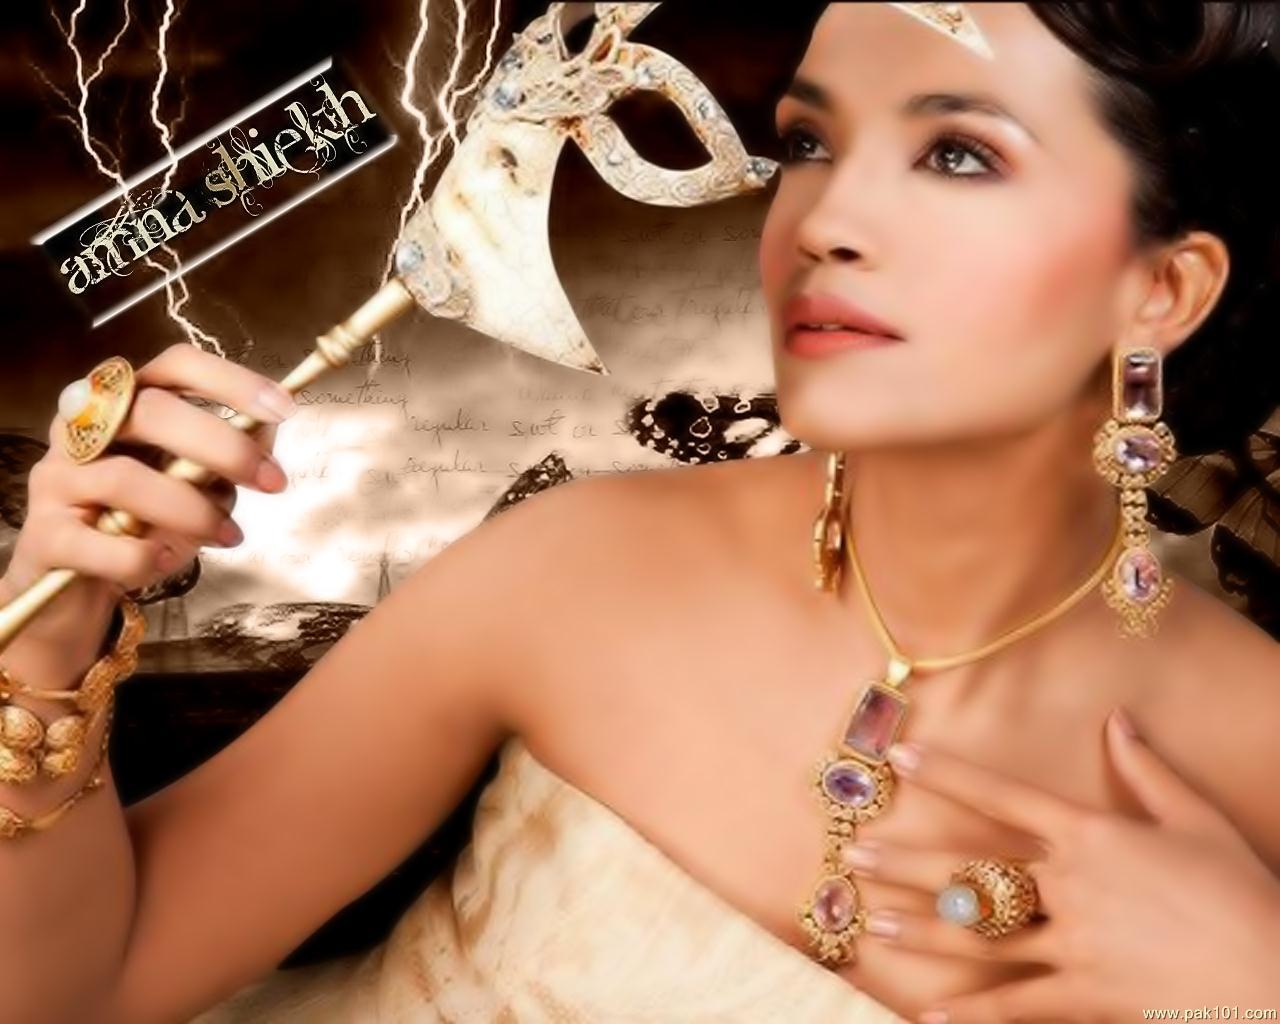 http://4.bp.blogspot.com/-oo3GDaQe2B4/UYZjcfKw8nI/AAAAAAAAuoQ/zusH7D-HC_A/s1600/Amina+Sheikh+Wallpaper+(7).jpg